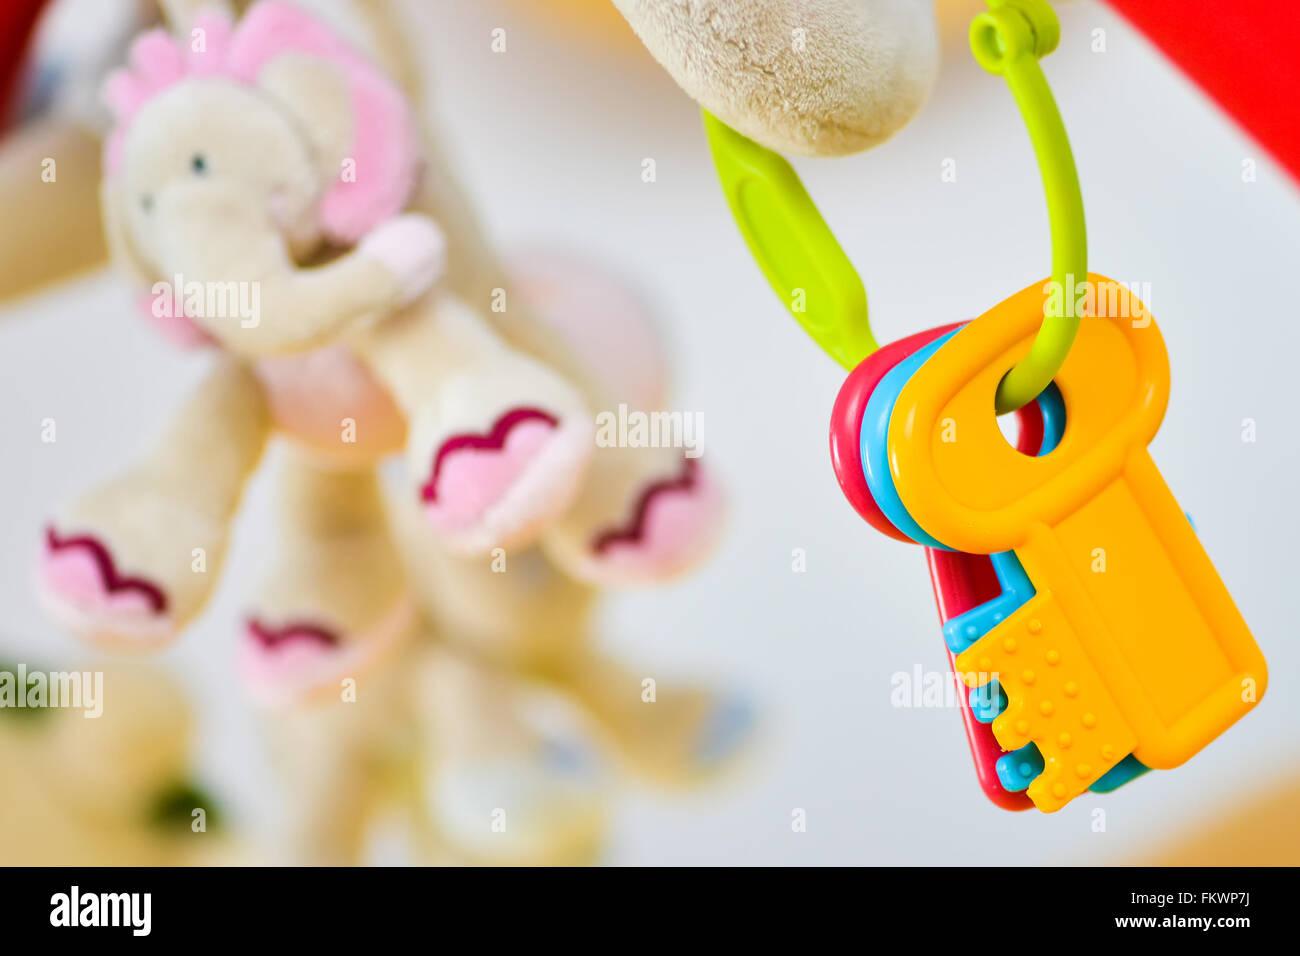 Verschiedene bunte Spielzeug Tasten mit Elefanten im Hintergrund Stockbild